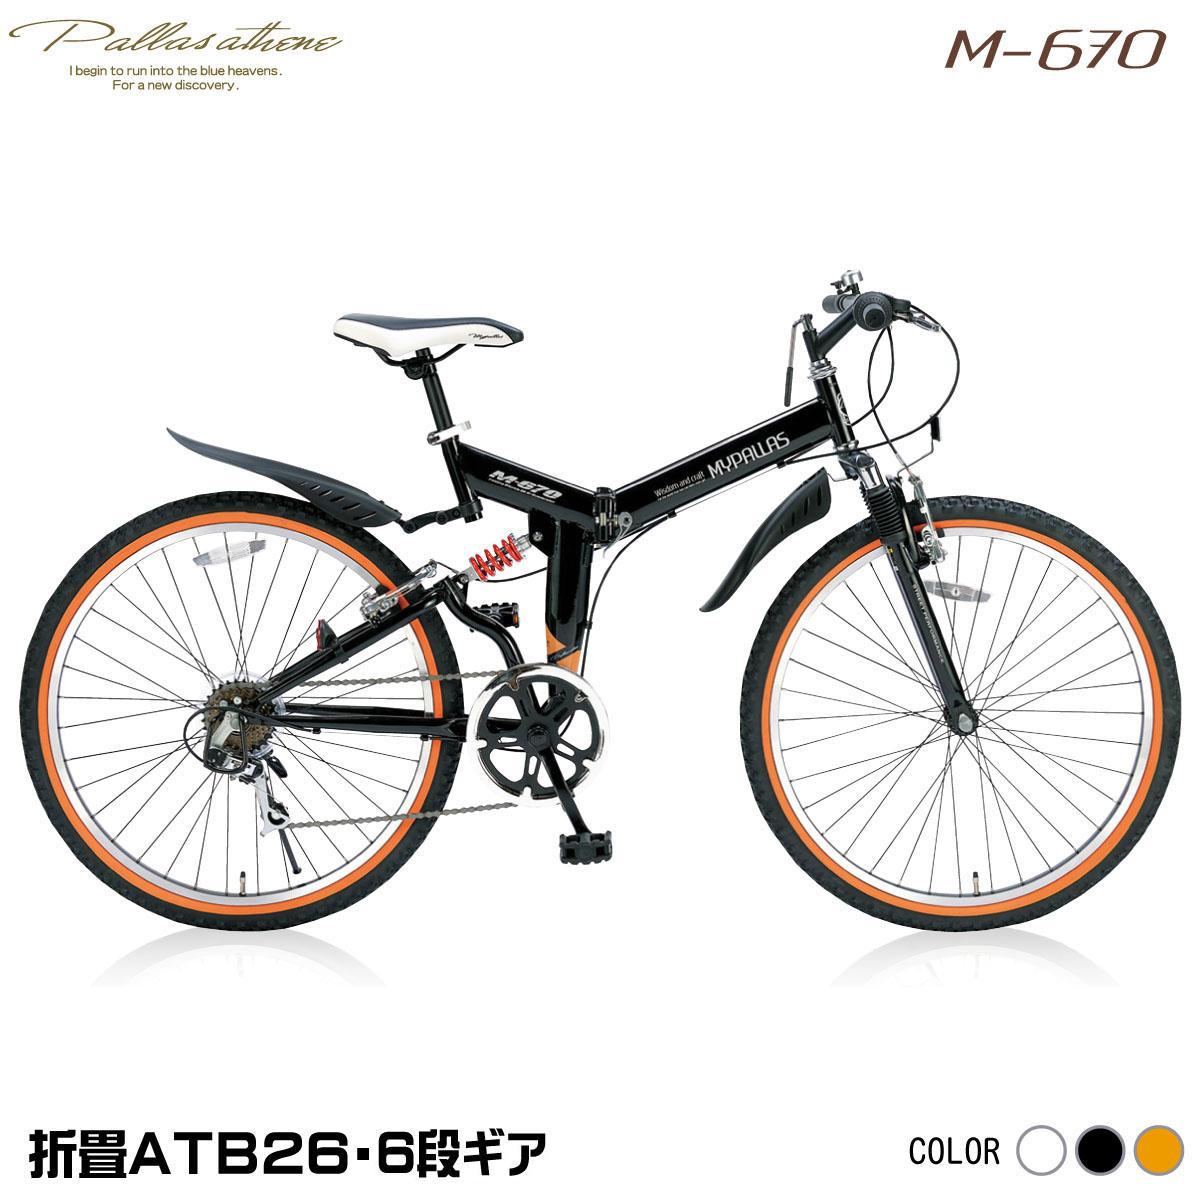 【送料無料】マイパラス M-670-BK ブラック [折りたたみATB(26インチ) 6段変速] 【同梱配送不可】【代引き・後払い決済不可】【本州以外の配送不可】